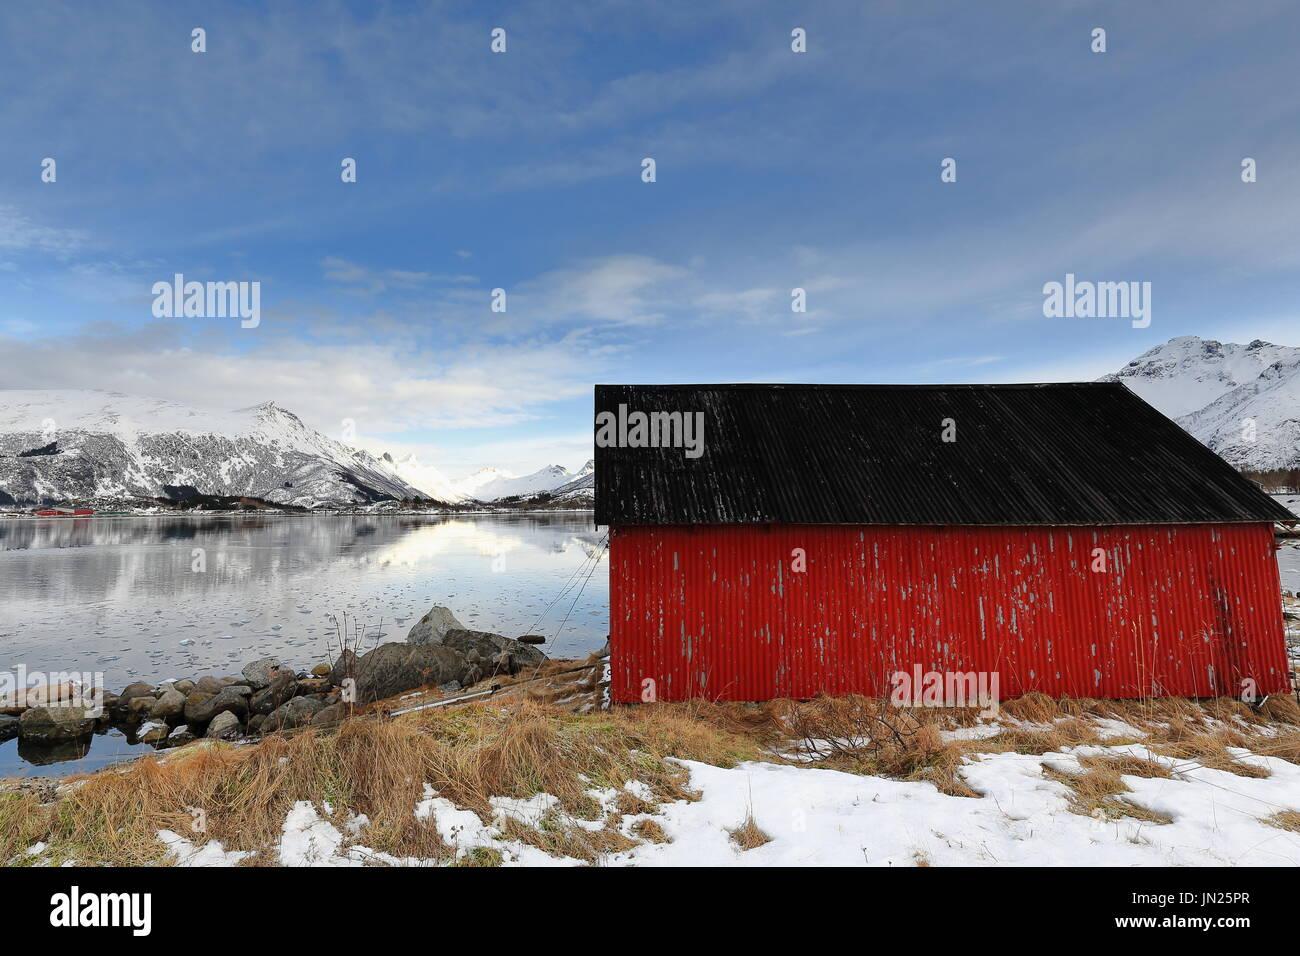 Rolling steel boathouse-red wall-black roof. Gimsoystraumen flow-Olderfjorden mouth. Mts.Kleppstadheia-Kvasstinden-Botntinden-Rismalstindan-Smatindan- - Stock Image